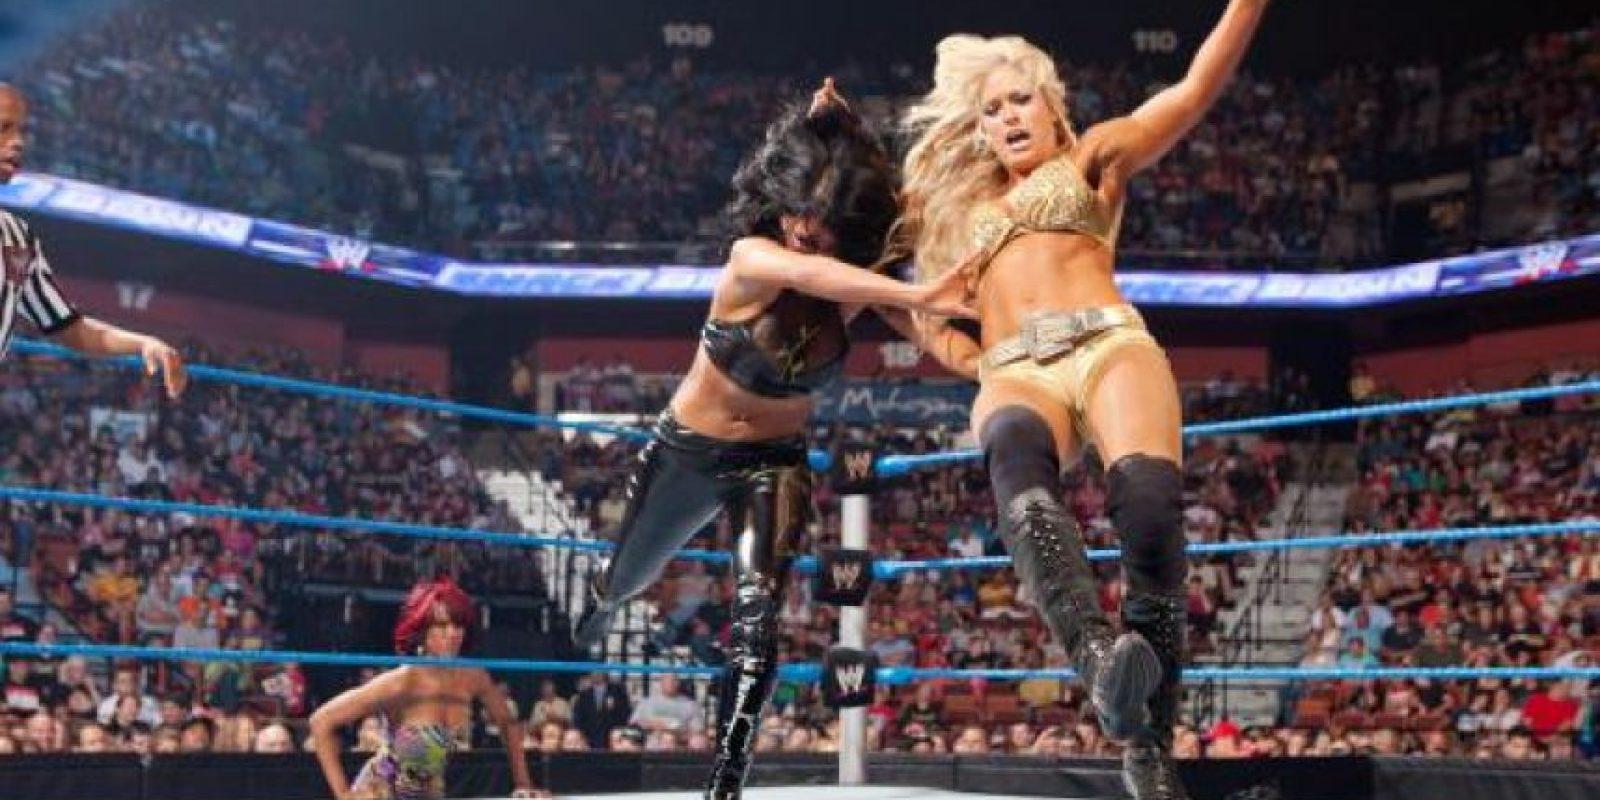 Está comprometida con el jugador de hockey Sheldon Souray Foto:WWE